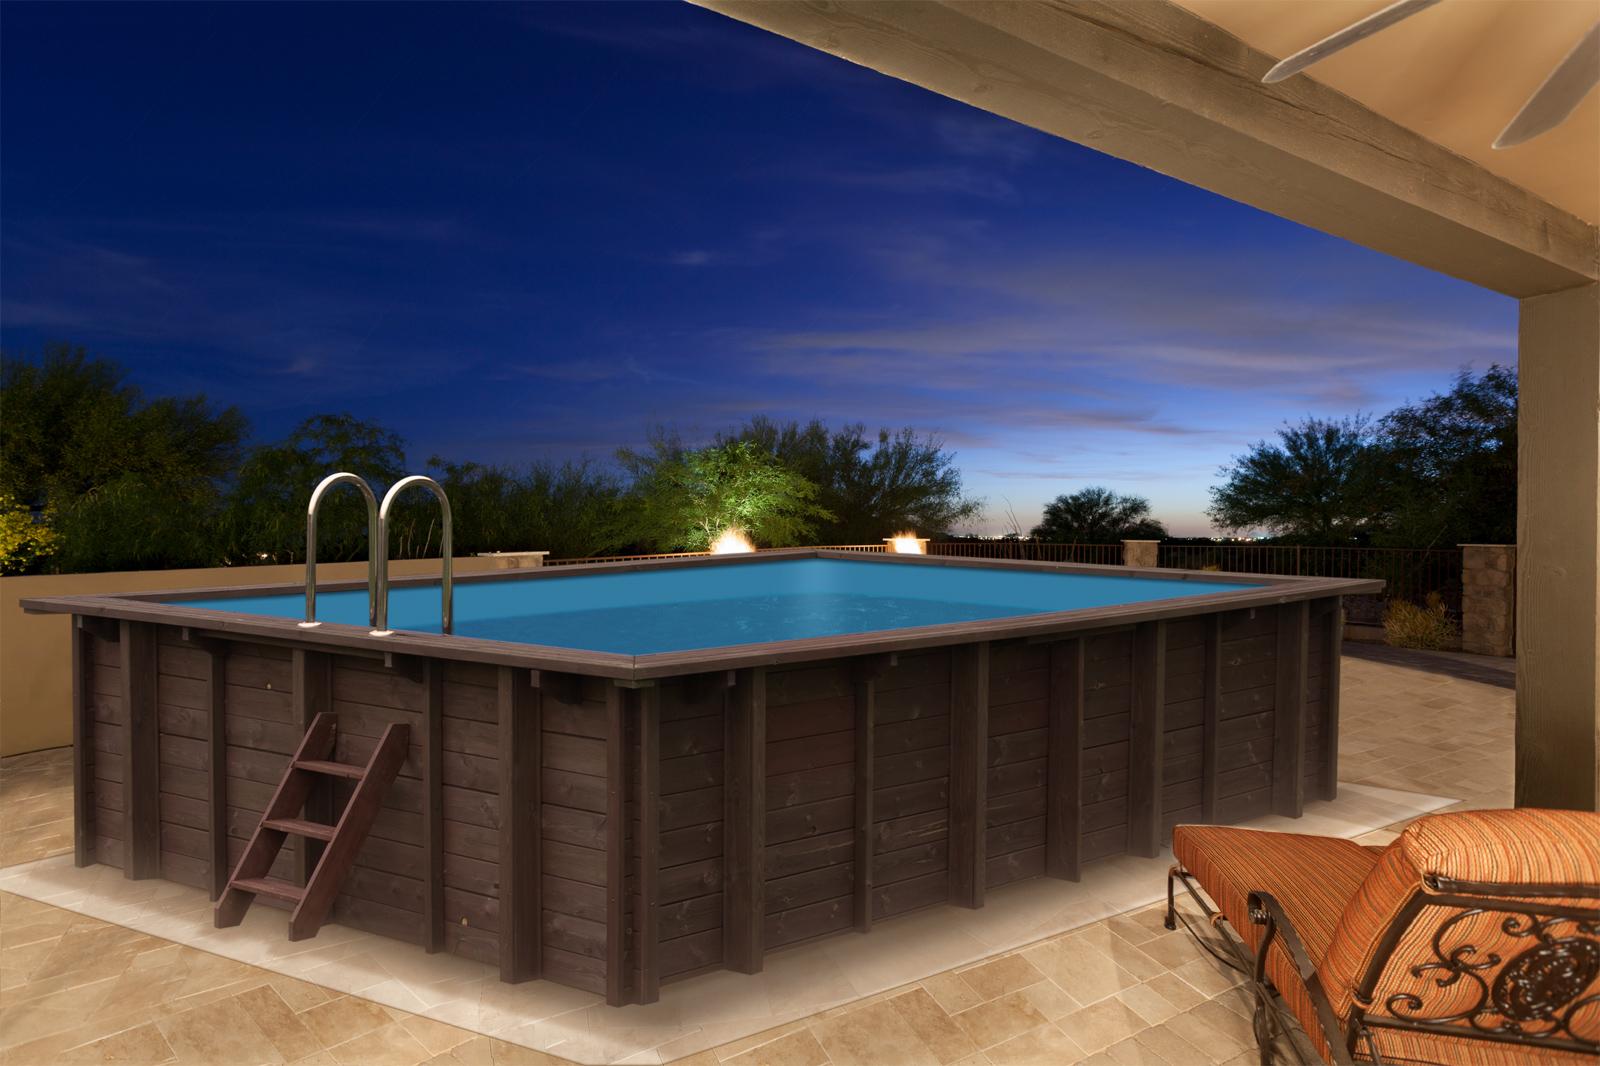 Achthoekige houten zwembaden geleverd met liner en skimmer met inspuitgat harmo pool - Houten strand zwembad ...